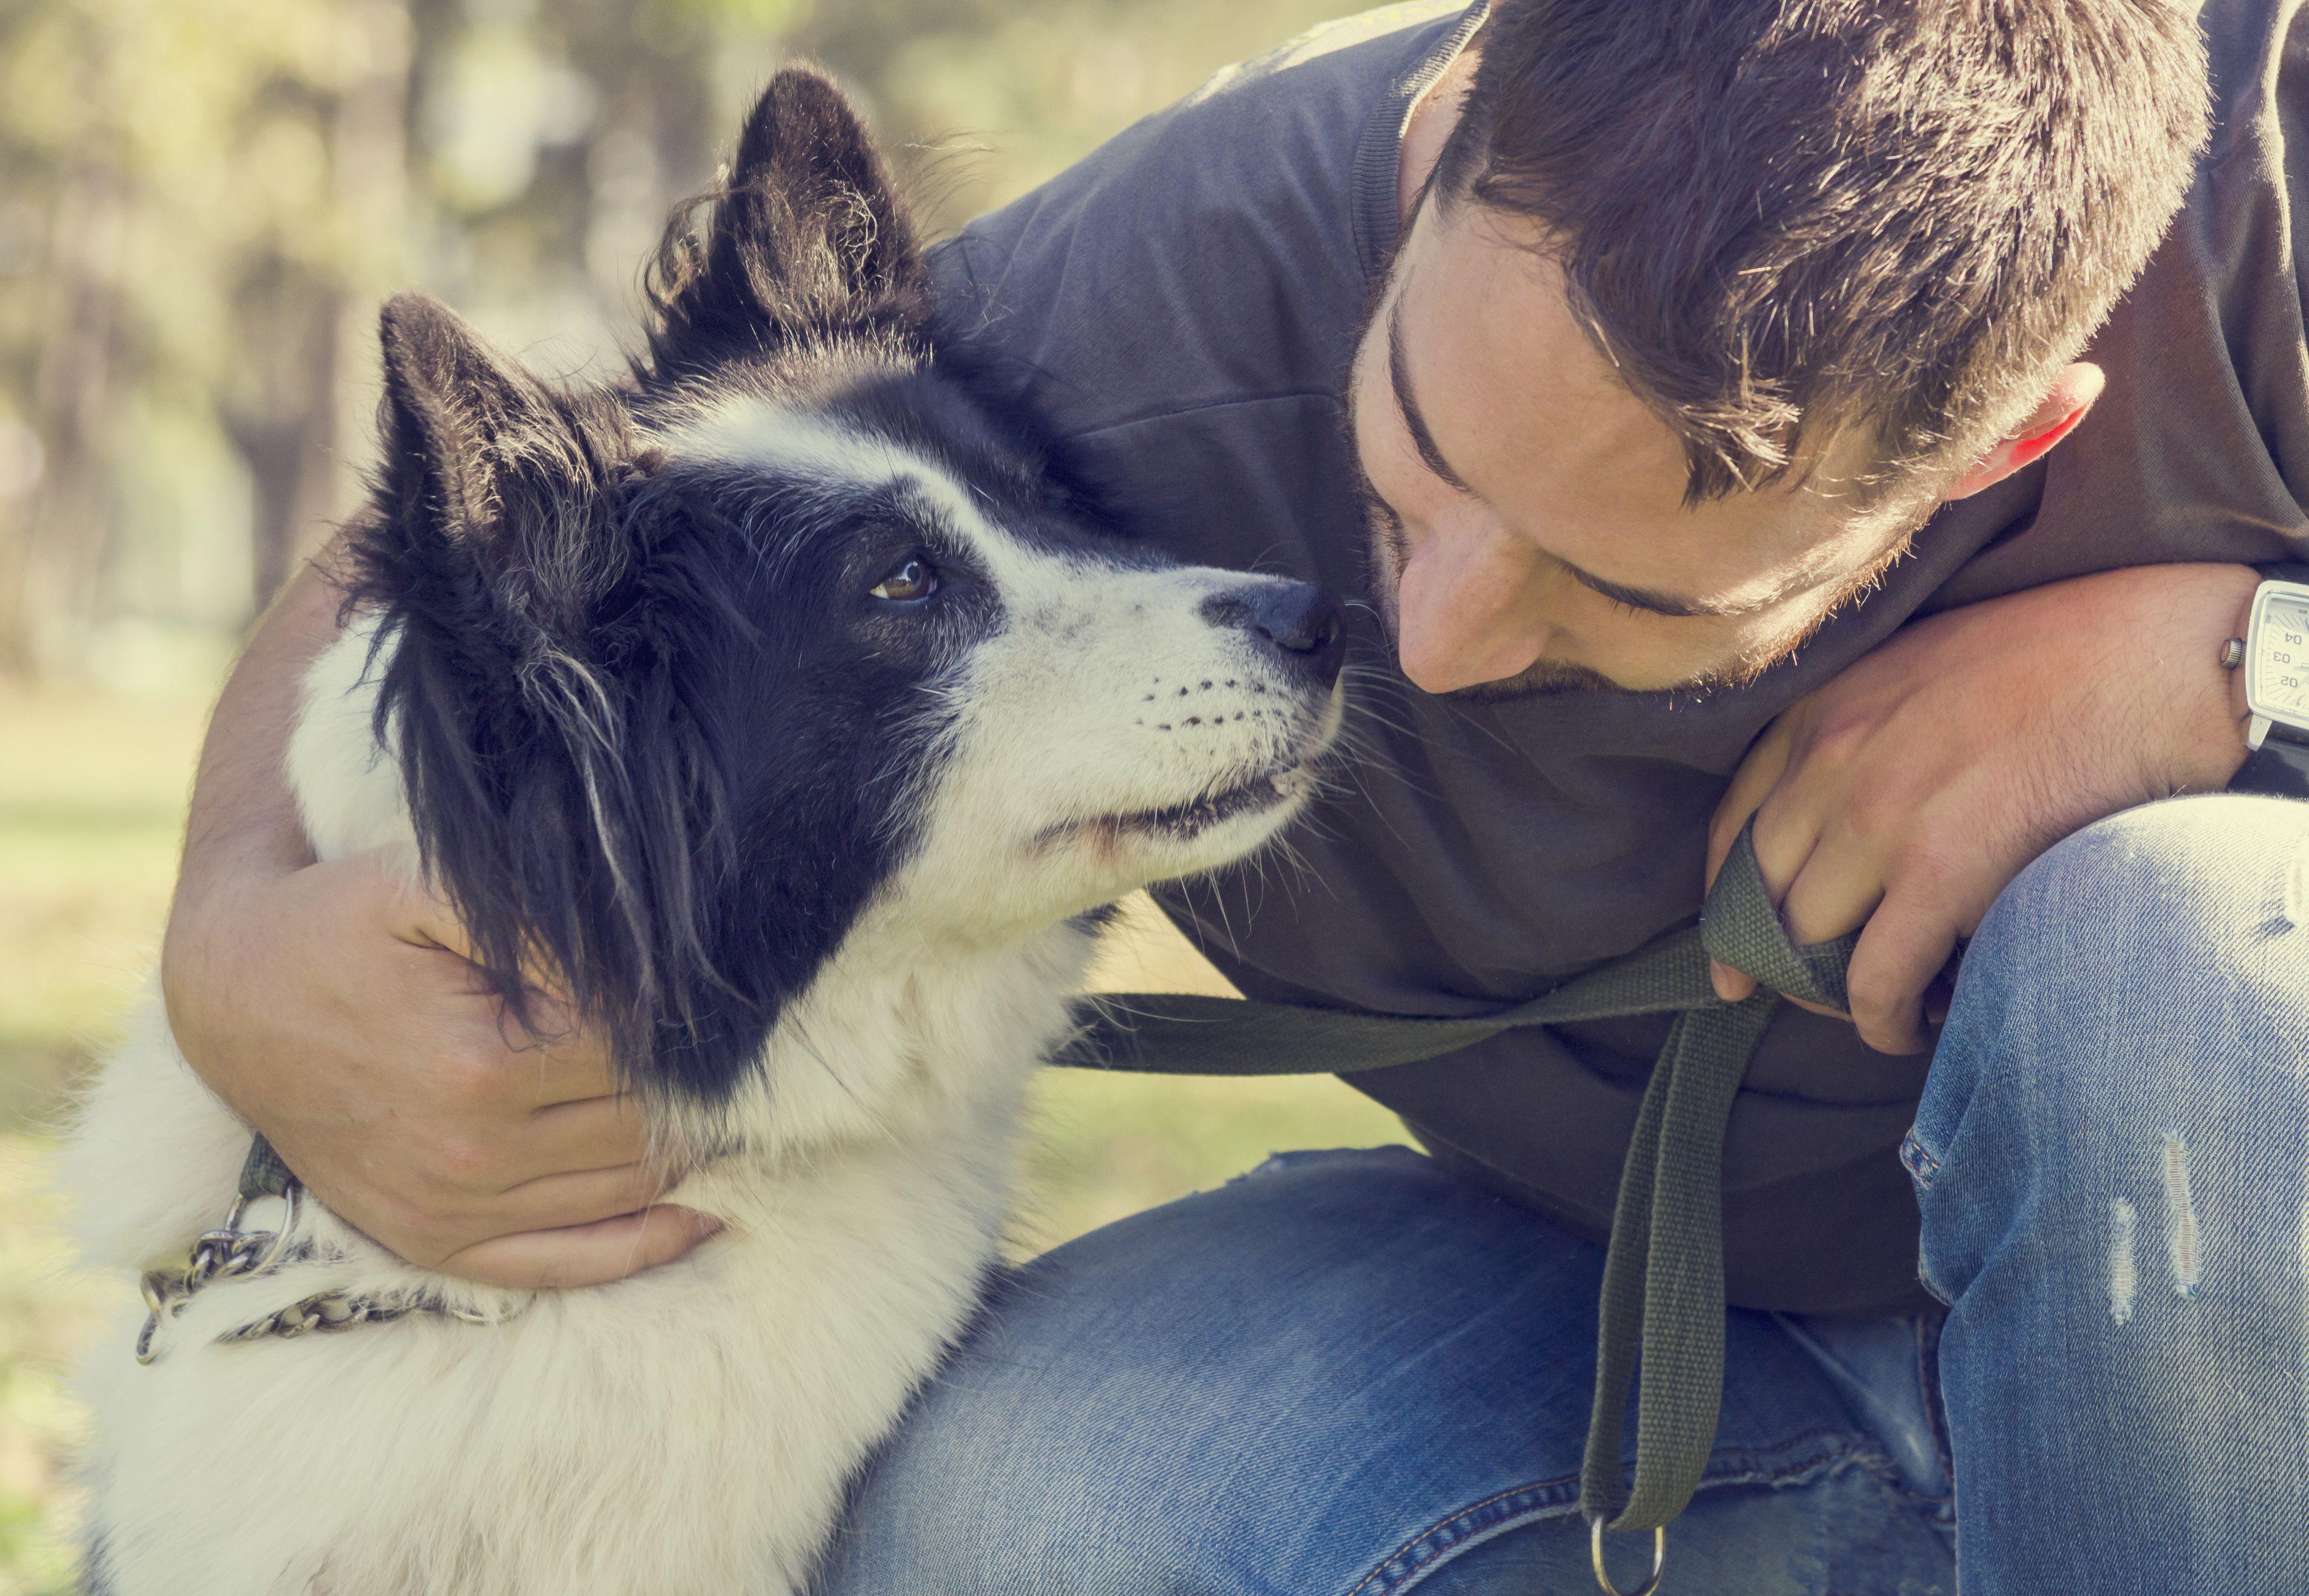 scambio sguardi tra cane e padrone